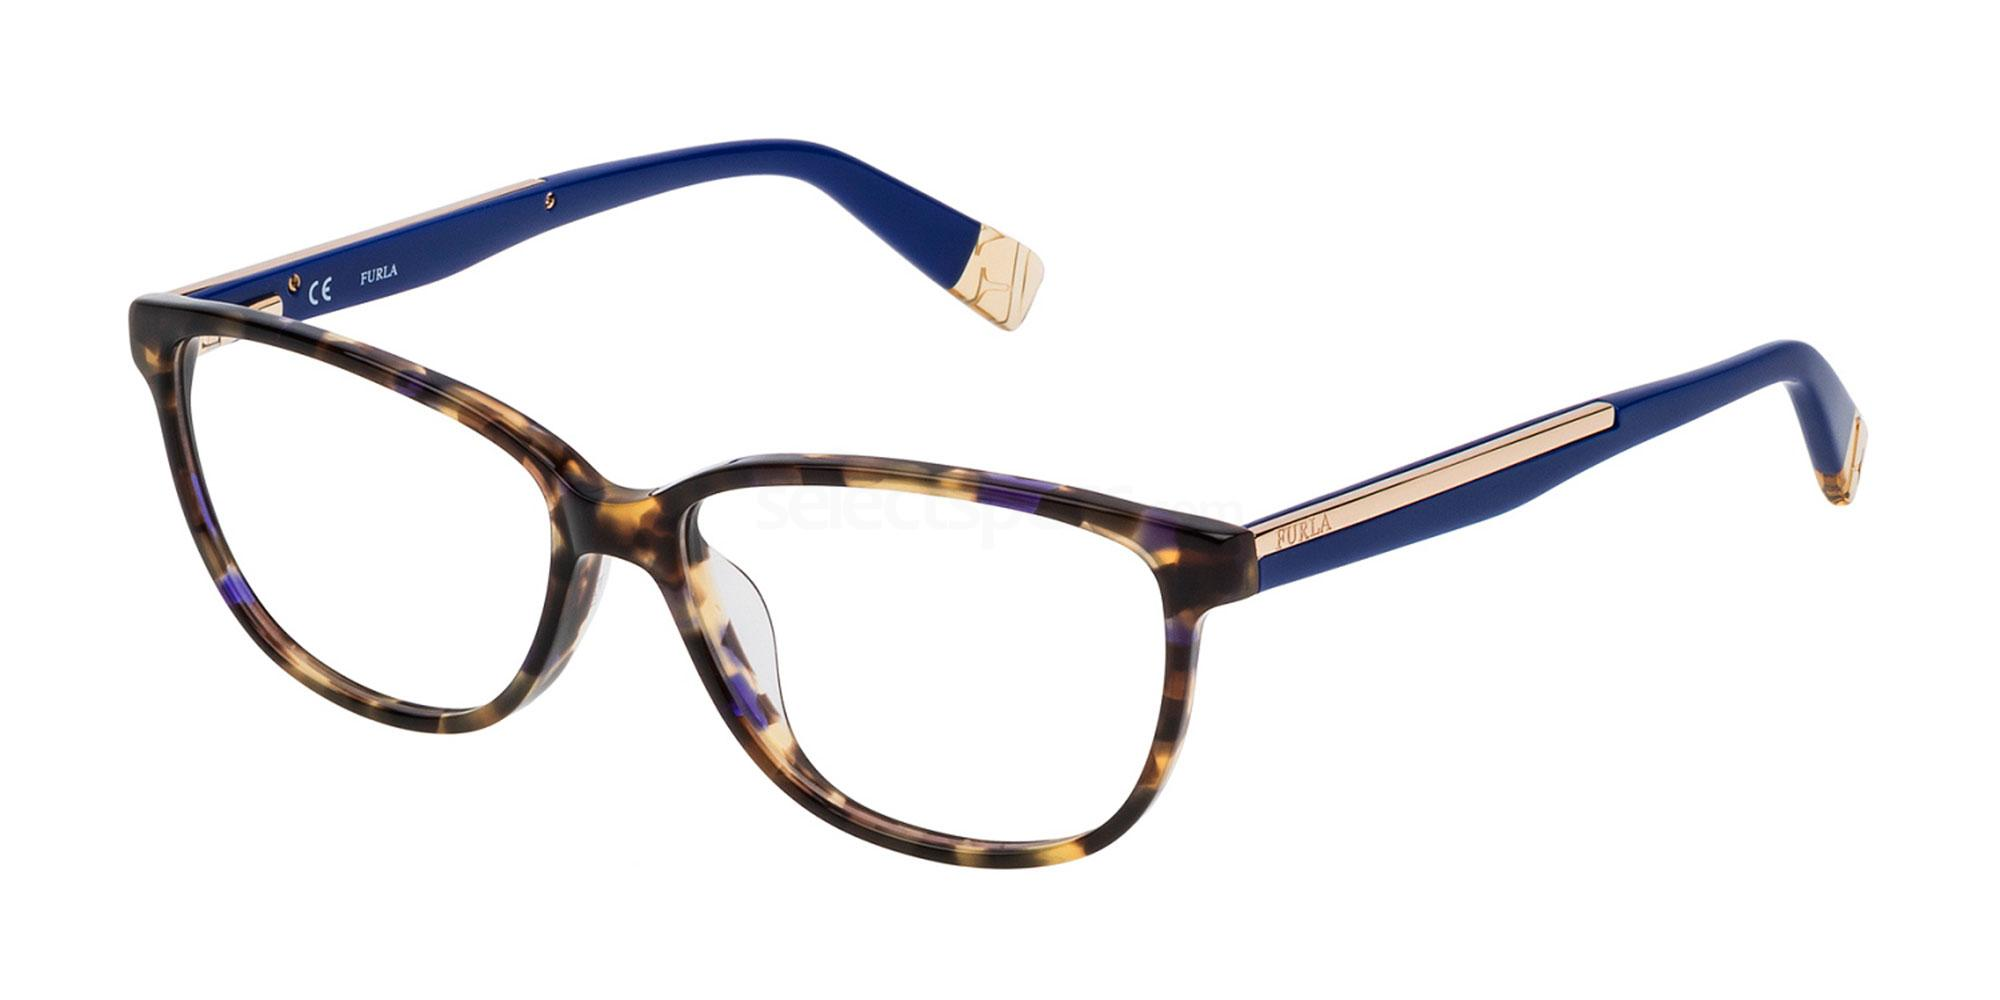 0744 VU4973 Glasses, Furla